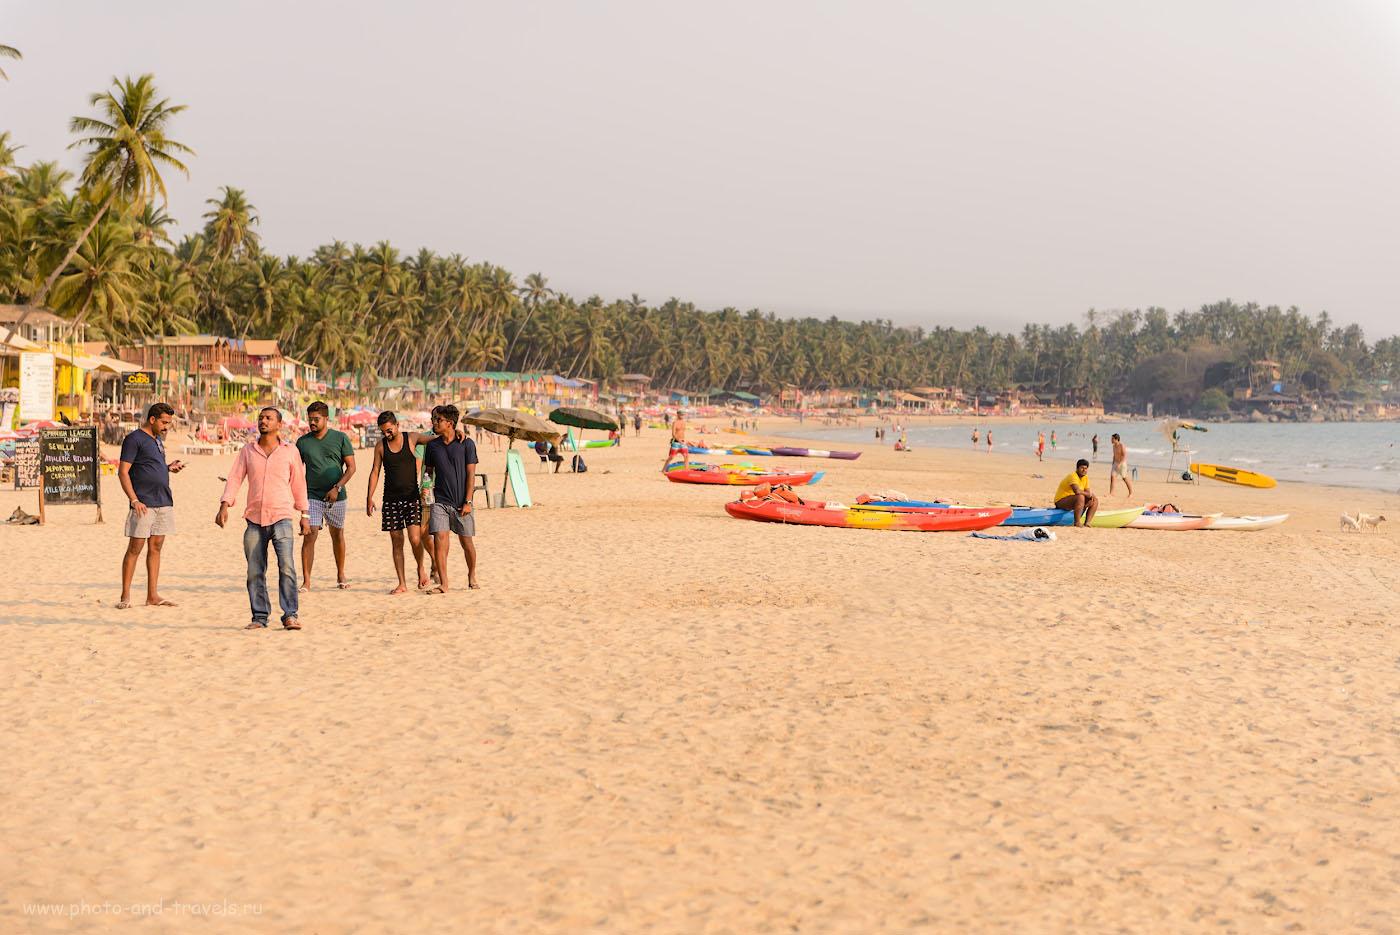 Изображение 28. Отзывы туристов об отдыхе на пляже Палолем в Южном Гоа. Индия в марте. Камера Nikon D610 + телеобъектив Nikon 70-200mm f/2.8 безе экстендера. Параметры: 1/1250, 0.67, 2.8, 100, 70.